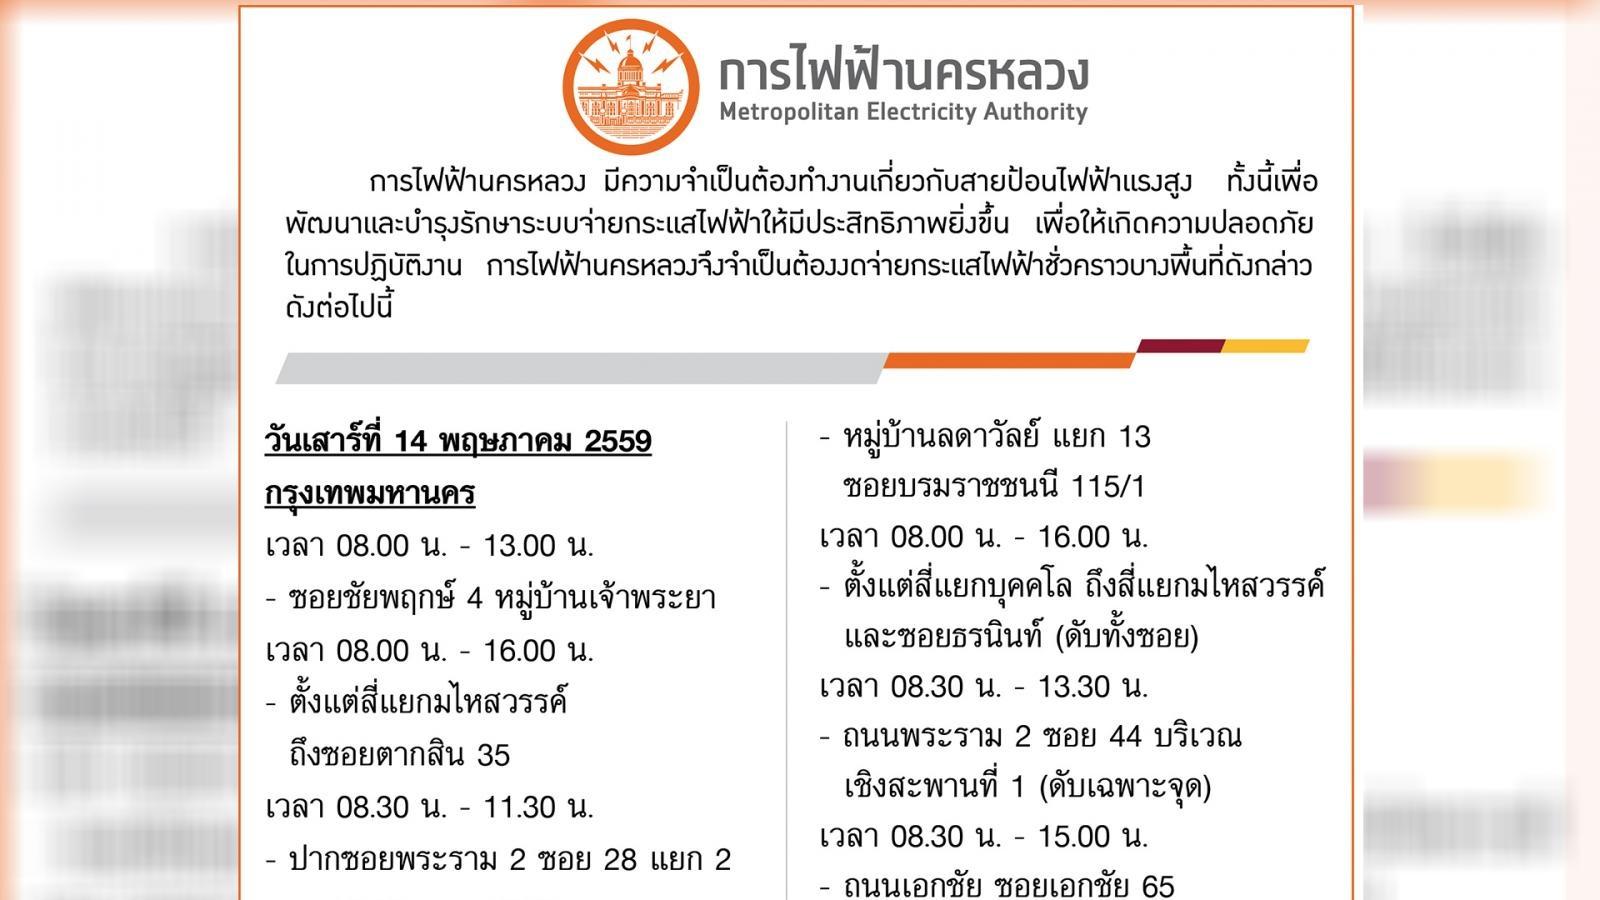 การไฟฟ้านครหลวง (กฟน.) ประกาศงดจ่ายกระแสไฟฟ้าชั่วคราว ในวันที่ 14 - 16 พฤษภาคม 2559